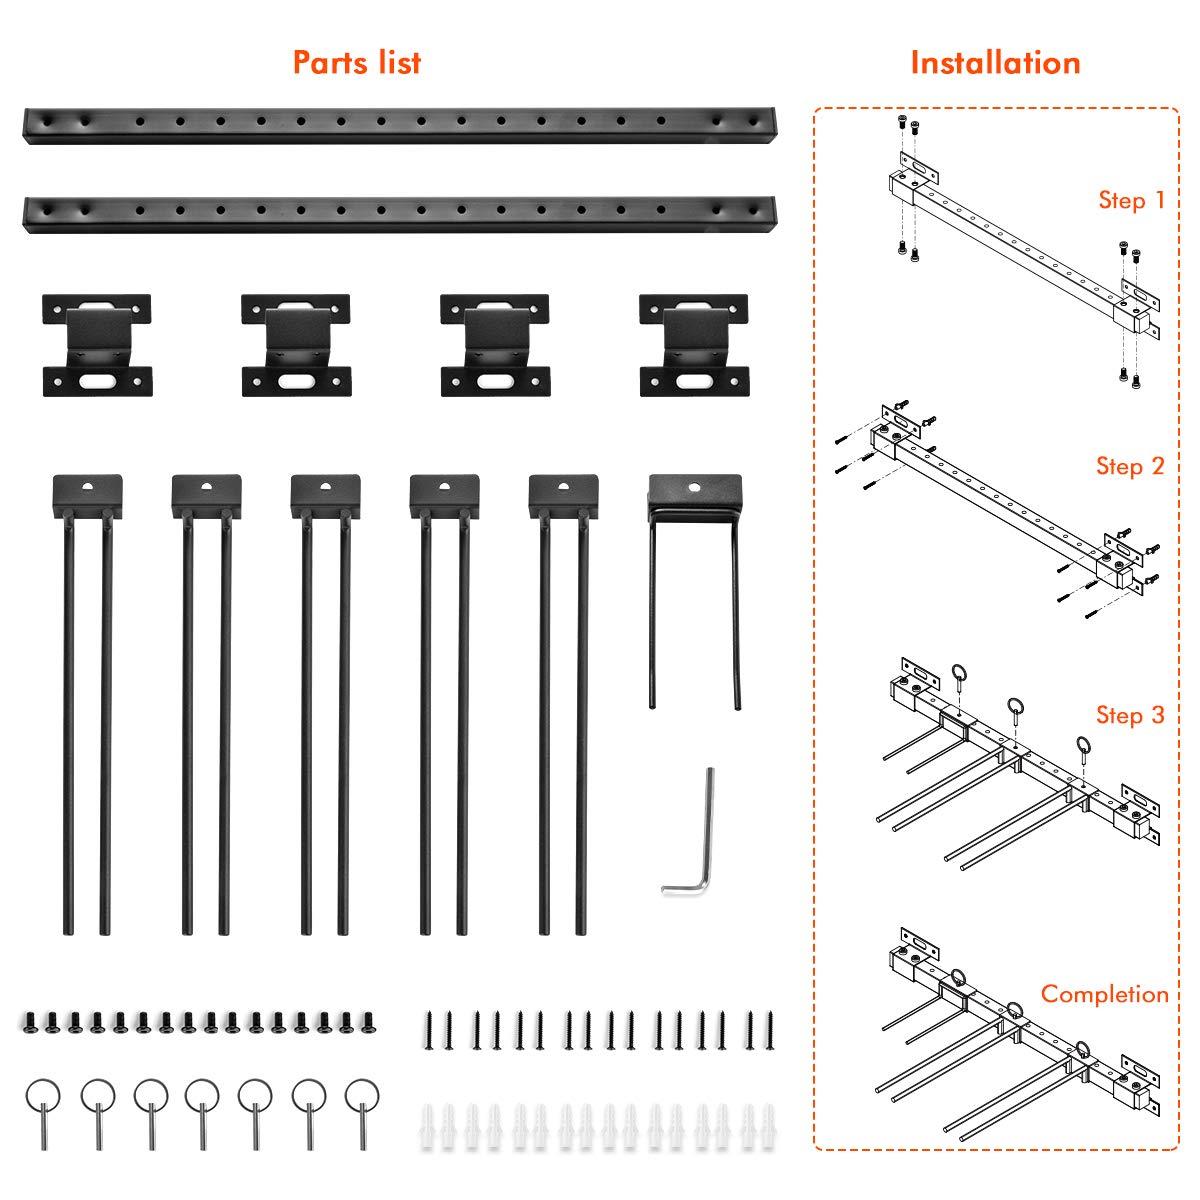 Nero Sistema di Montaggio per Casa e Garage Contiene 10 Paia di Sci ikkle Supporto da Parete per Sci Supporto da Parete per Snowboard da Muro